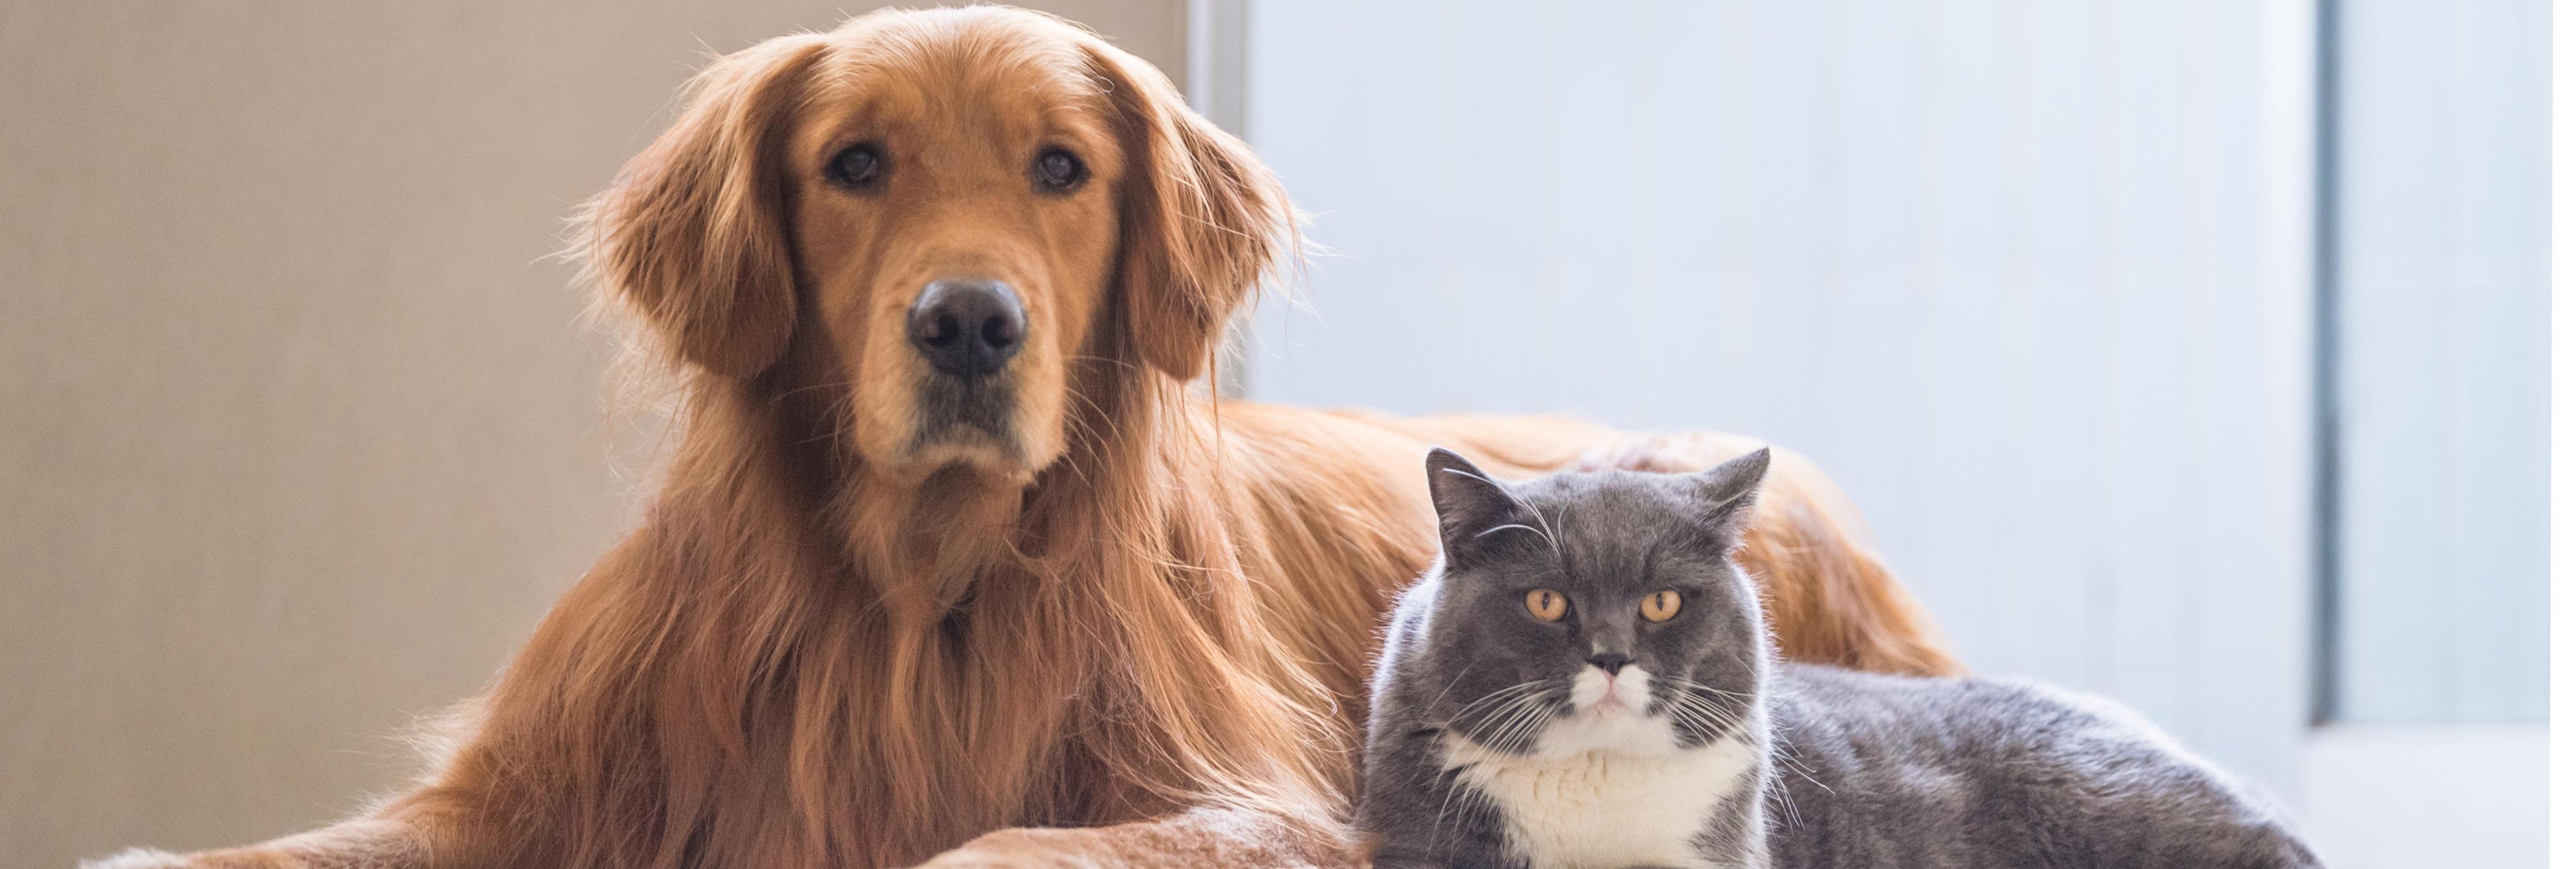 """Los animales dejarán de ser """"cosas"""" en la legislación, para considerarse """"seres sensibles"""""""